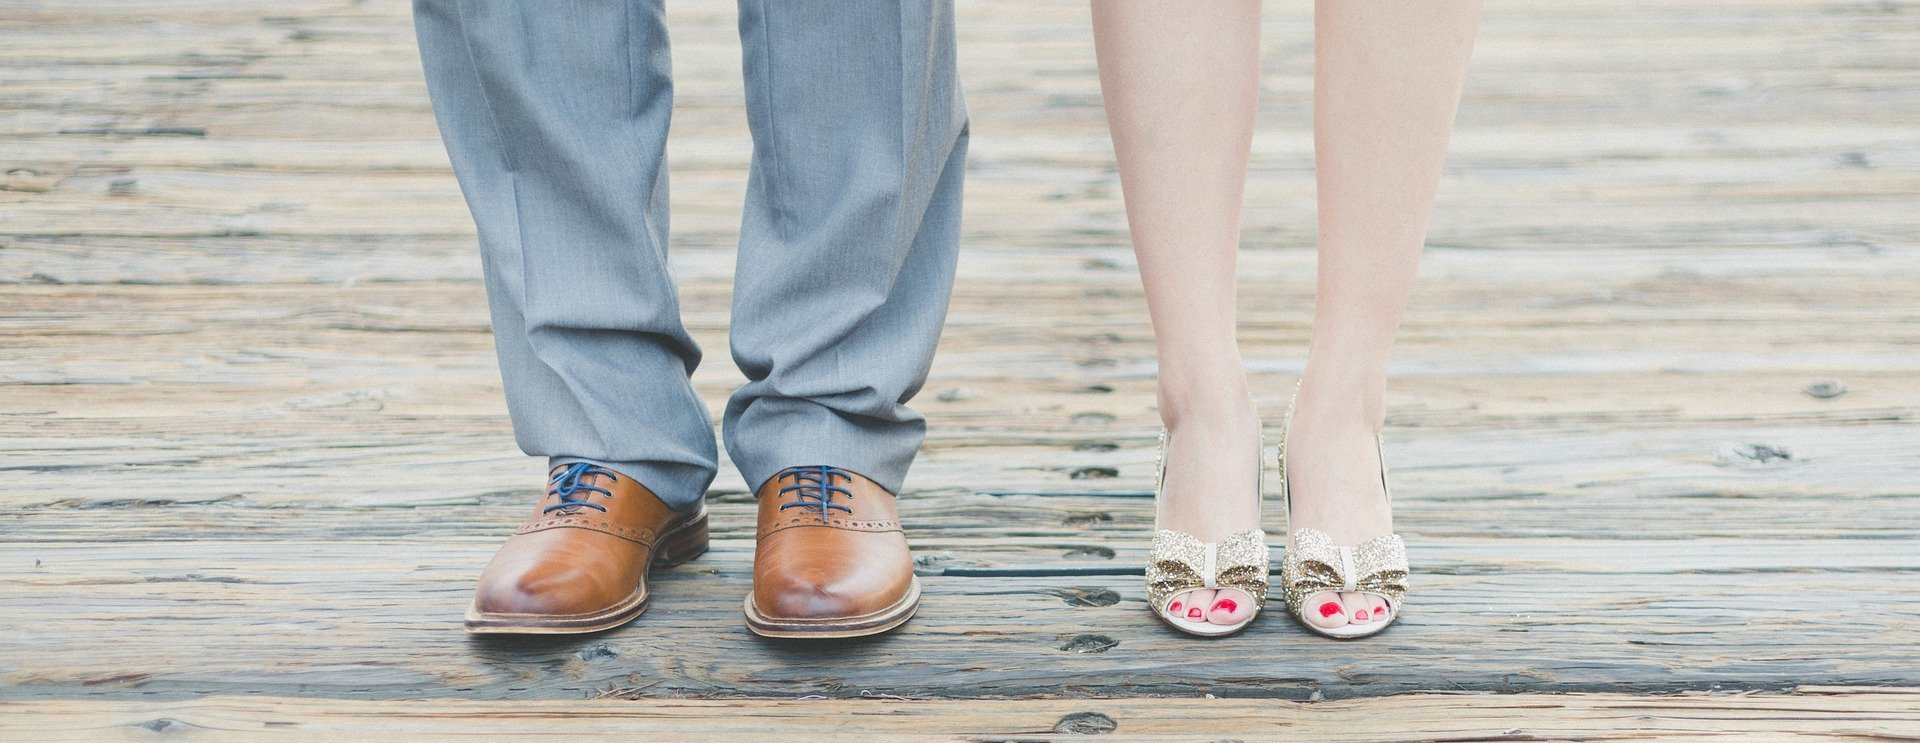 Крупнейший в России производитель ортопедической обуви «Ортомода» наладил дистанционную доставку по РФ